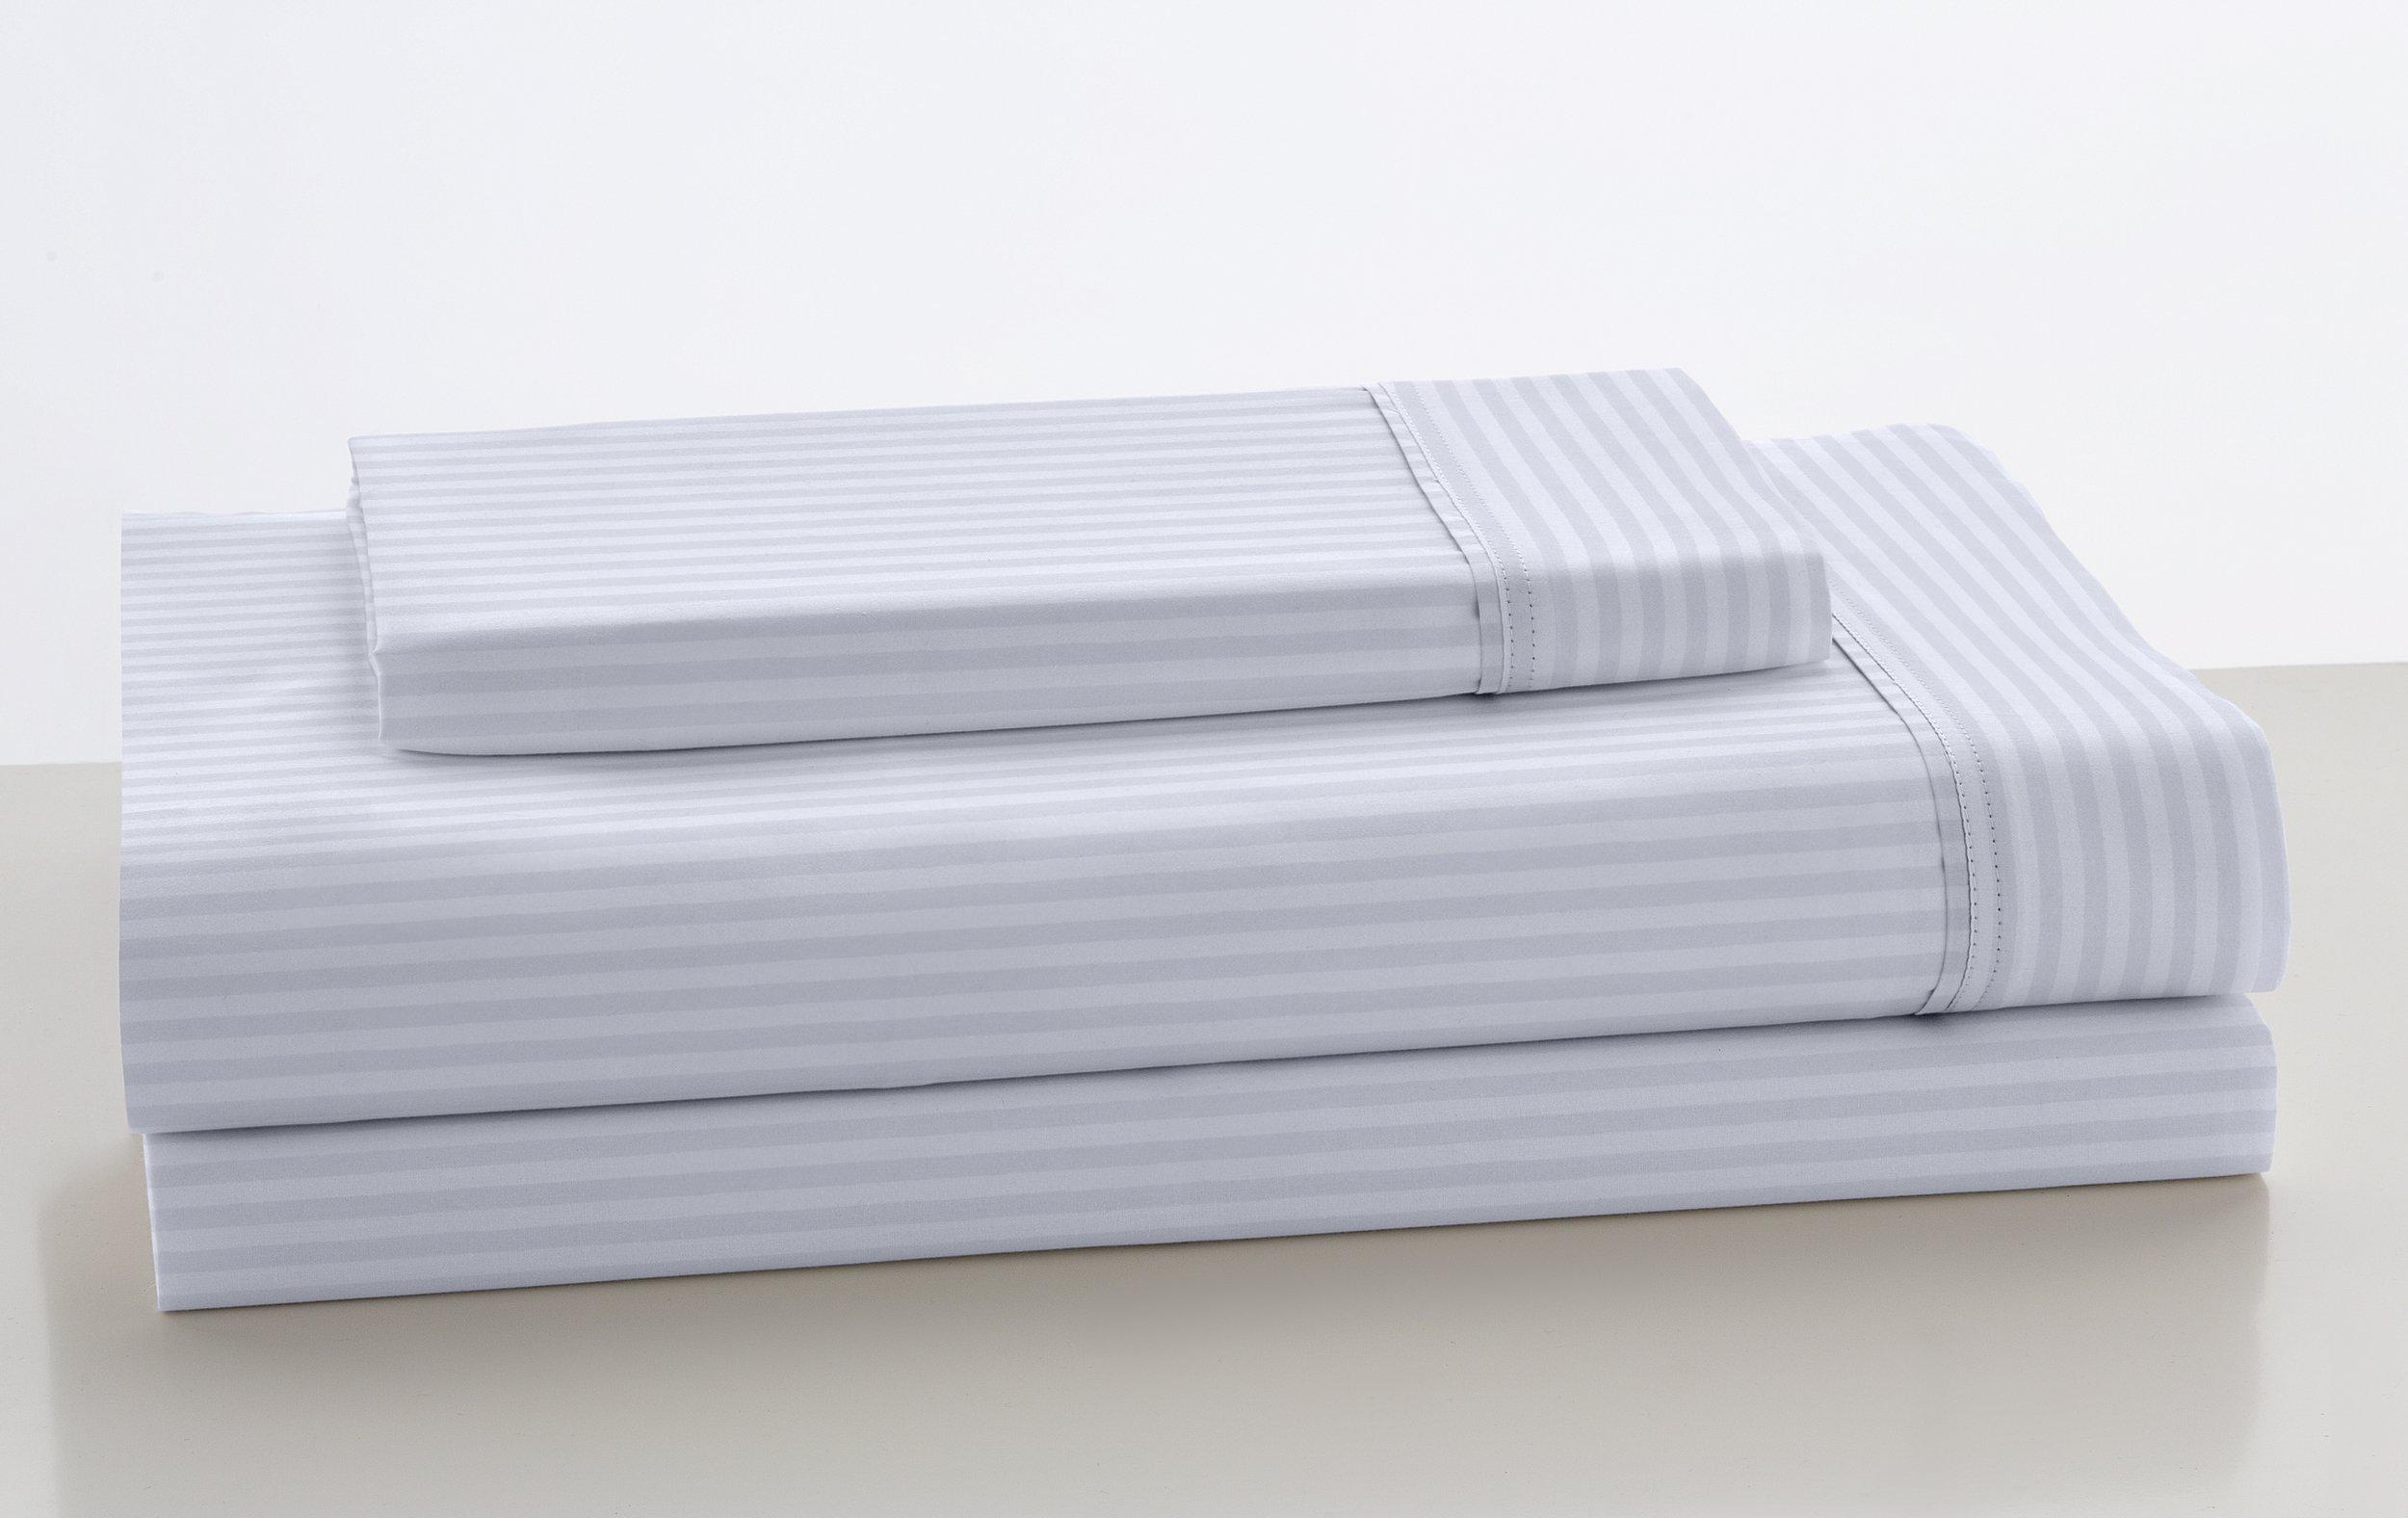 ESTELA - Juego de sábanas de satén LISTADO Color Blanco (3 Piezas) - Cama de 105 cm. - 100% Algodón - Satén de 300 Hilos - con Bajera Ajustable de 40 cm. de Altura.: Amazon.es: Hogar